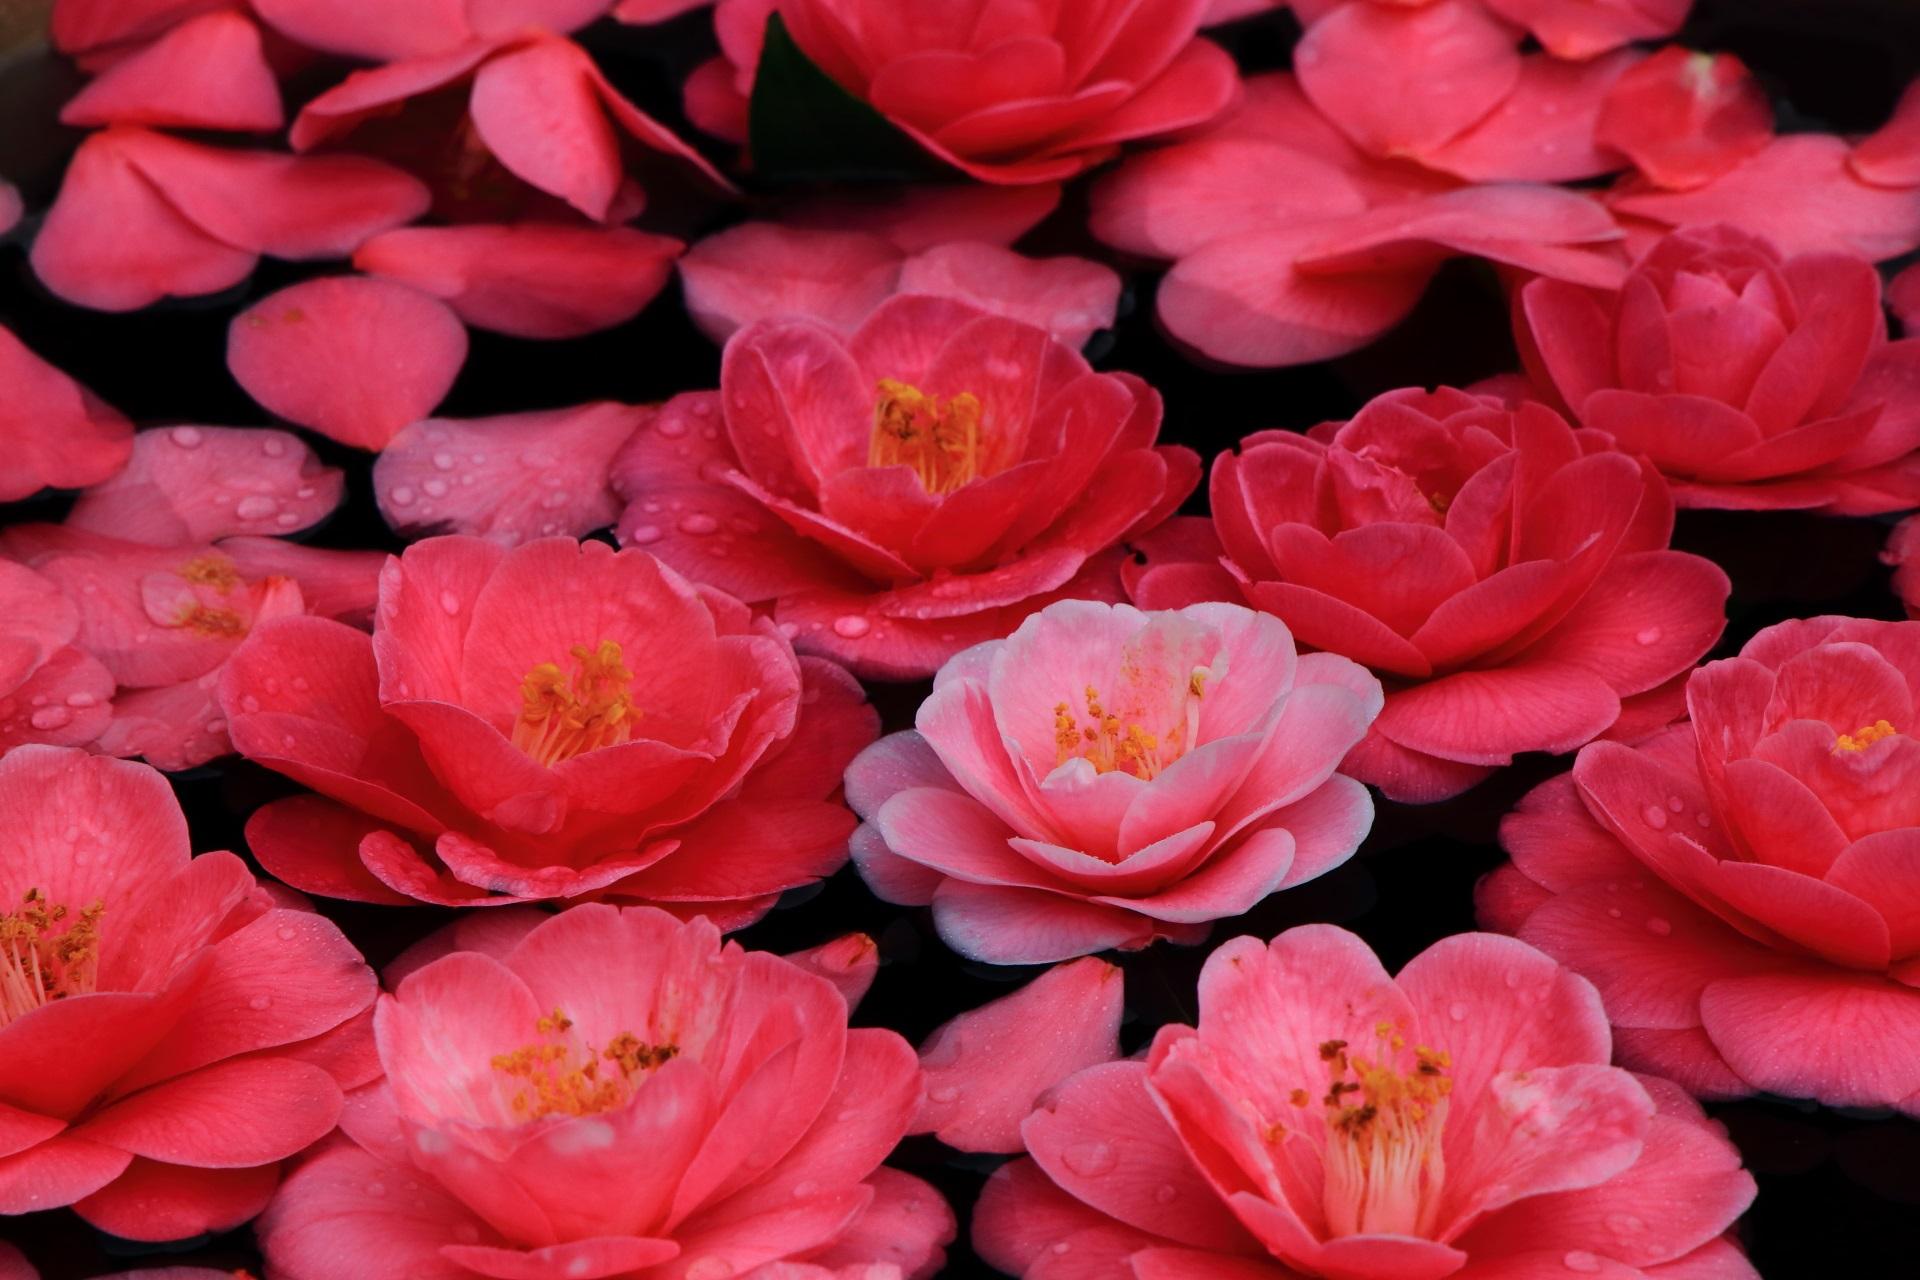 どの花も微妙に色合いが異なるピンク系の色の椿